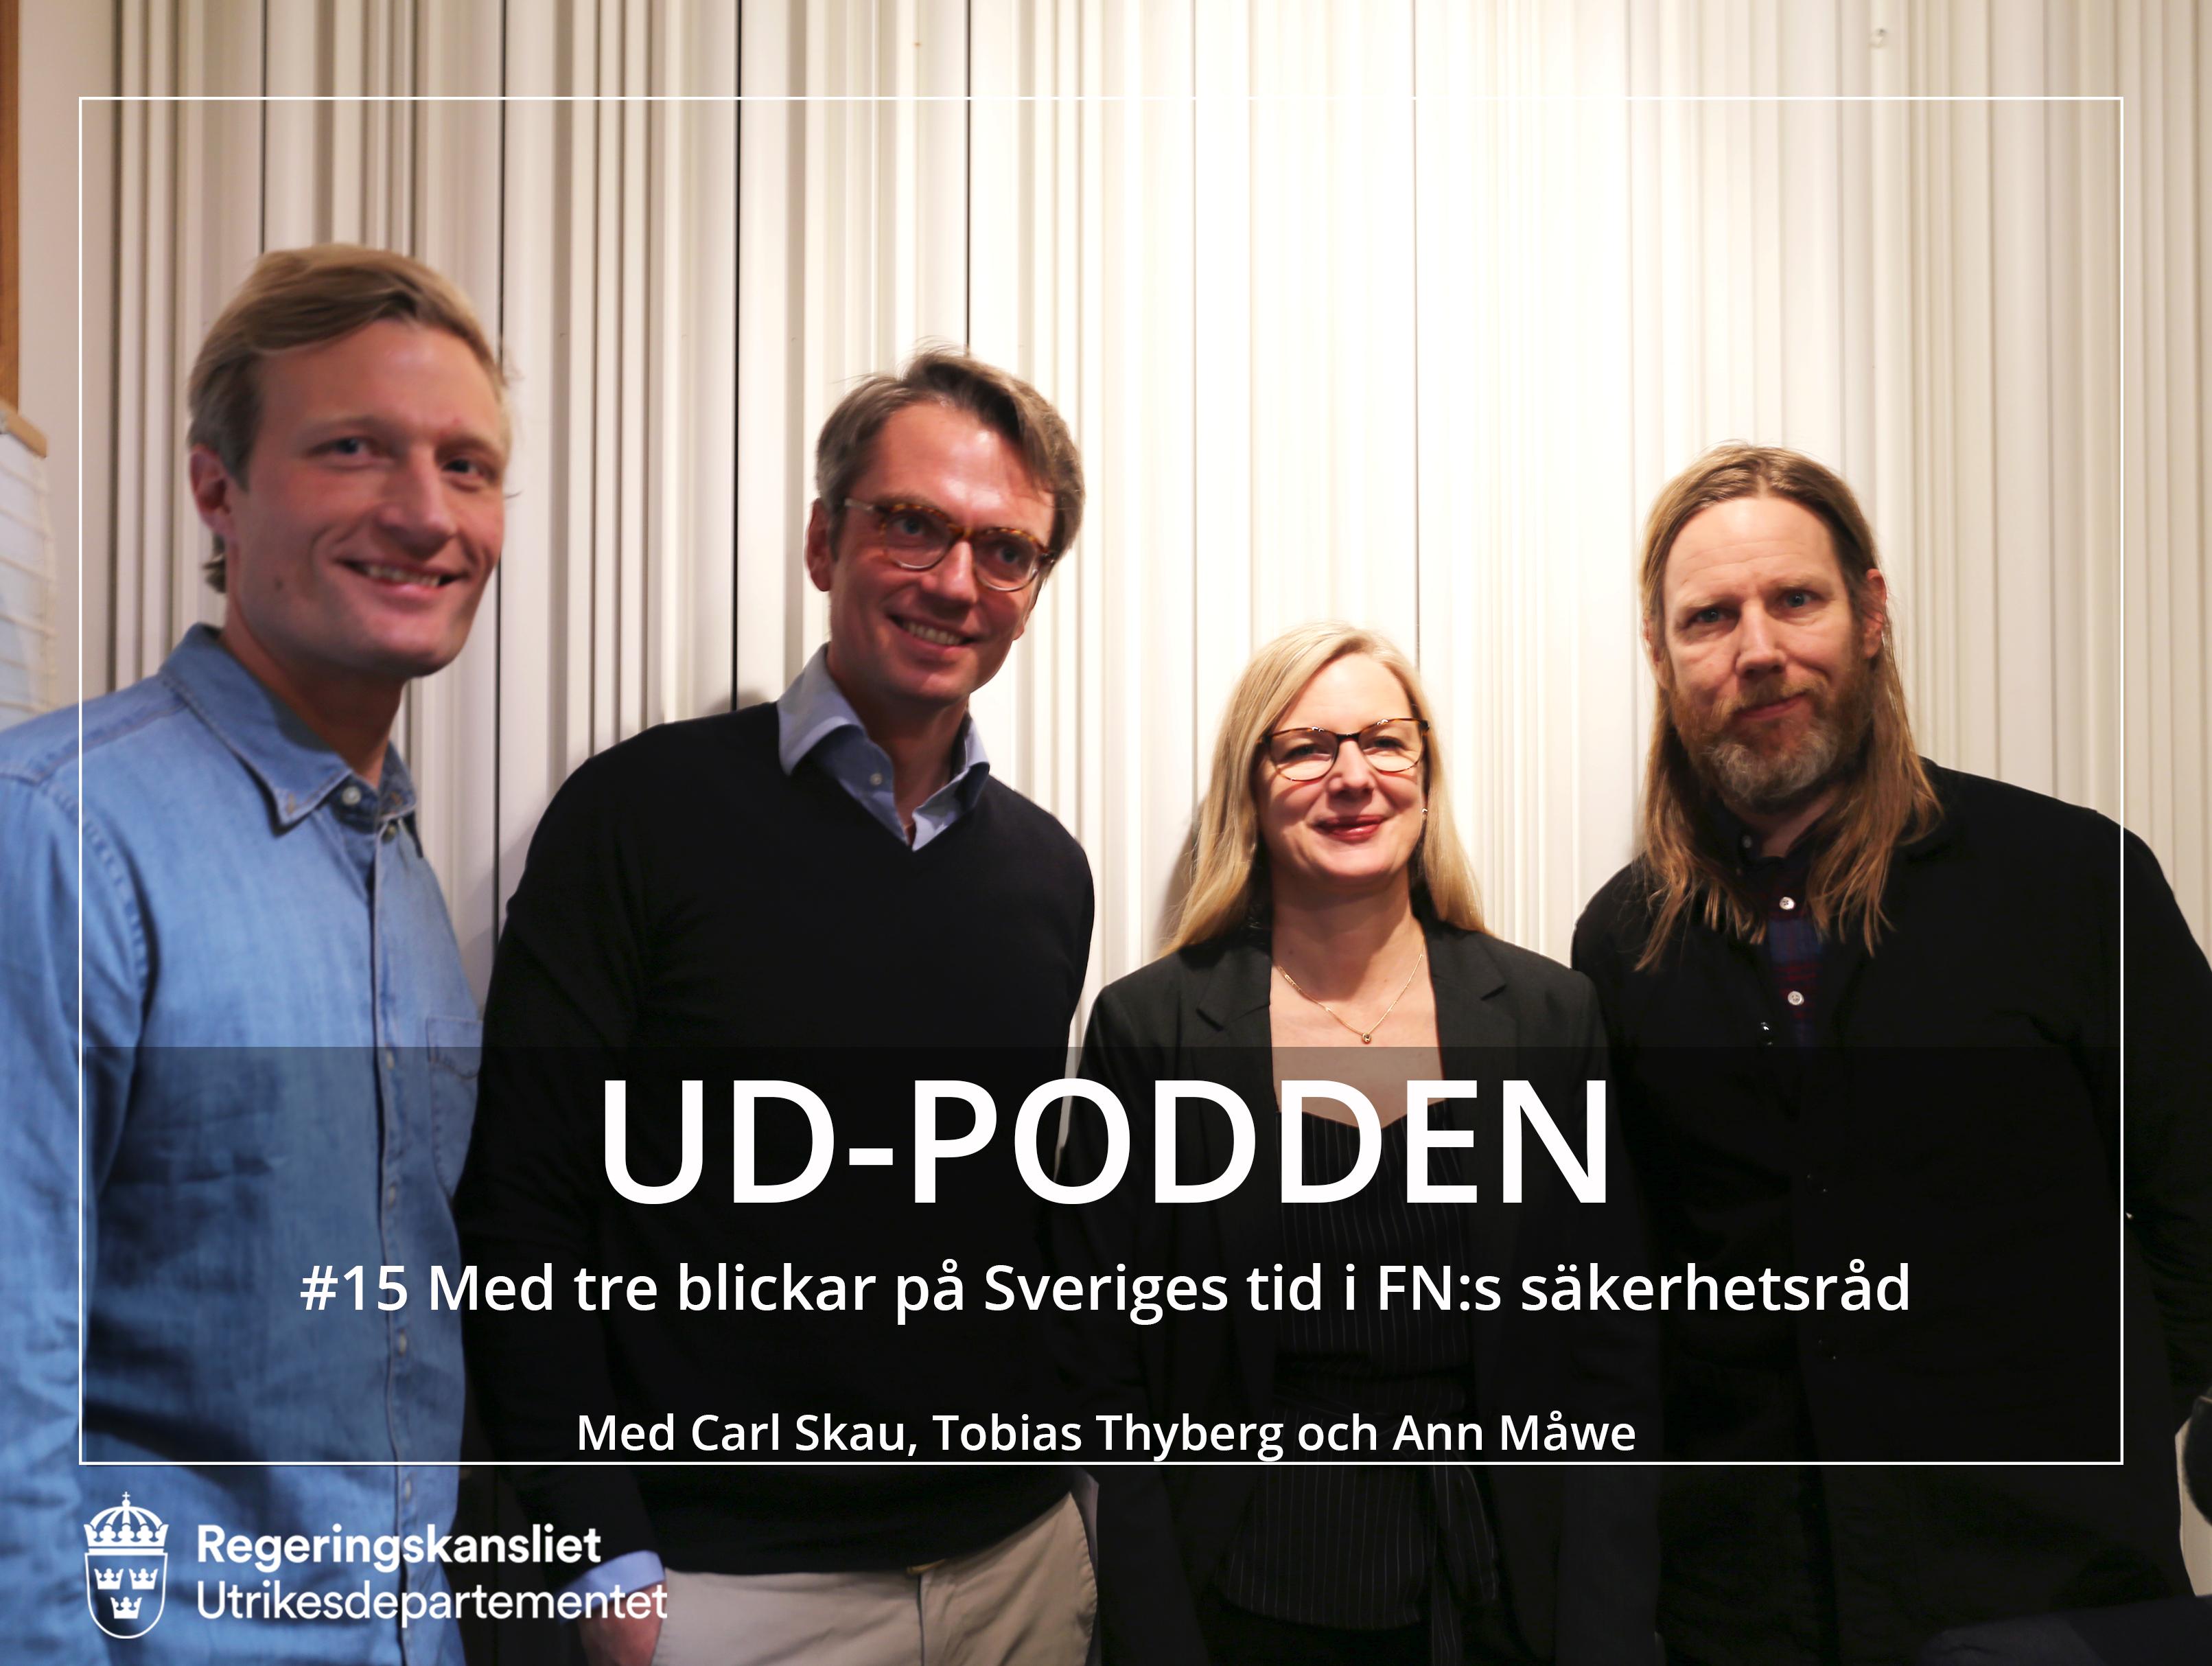 #15 Med tre blickar på Sveriges tid i FN:s säkerhetsråd